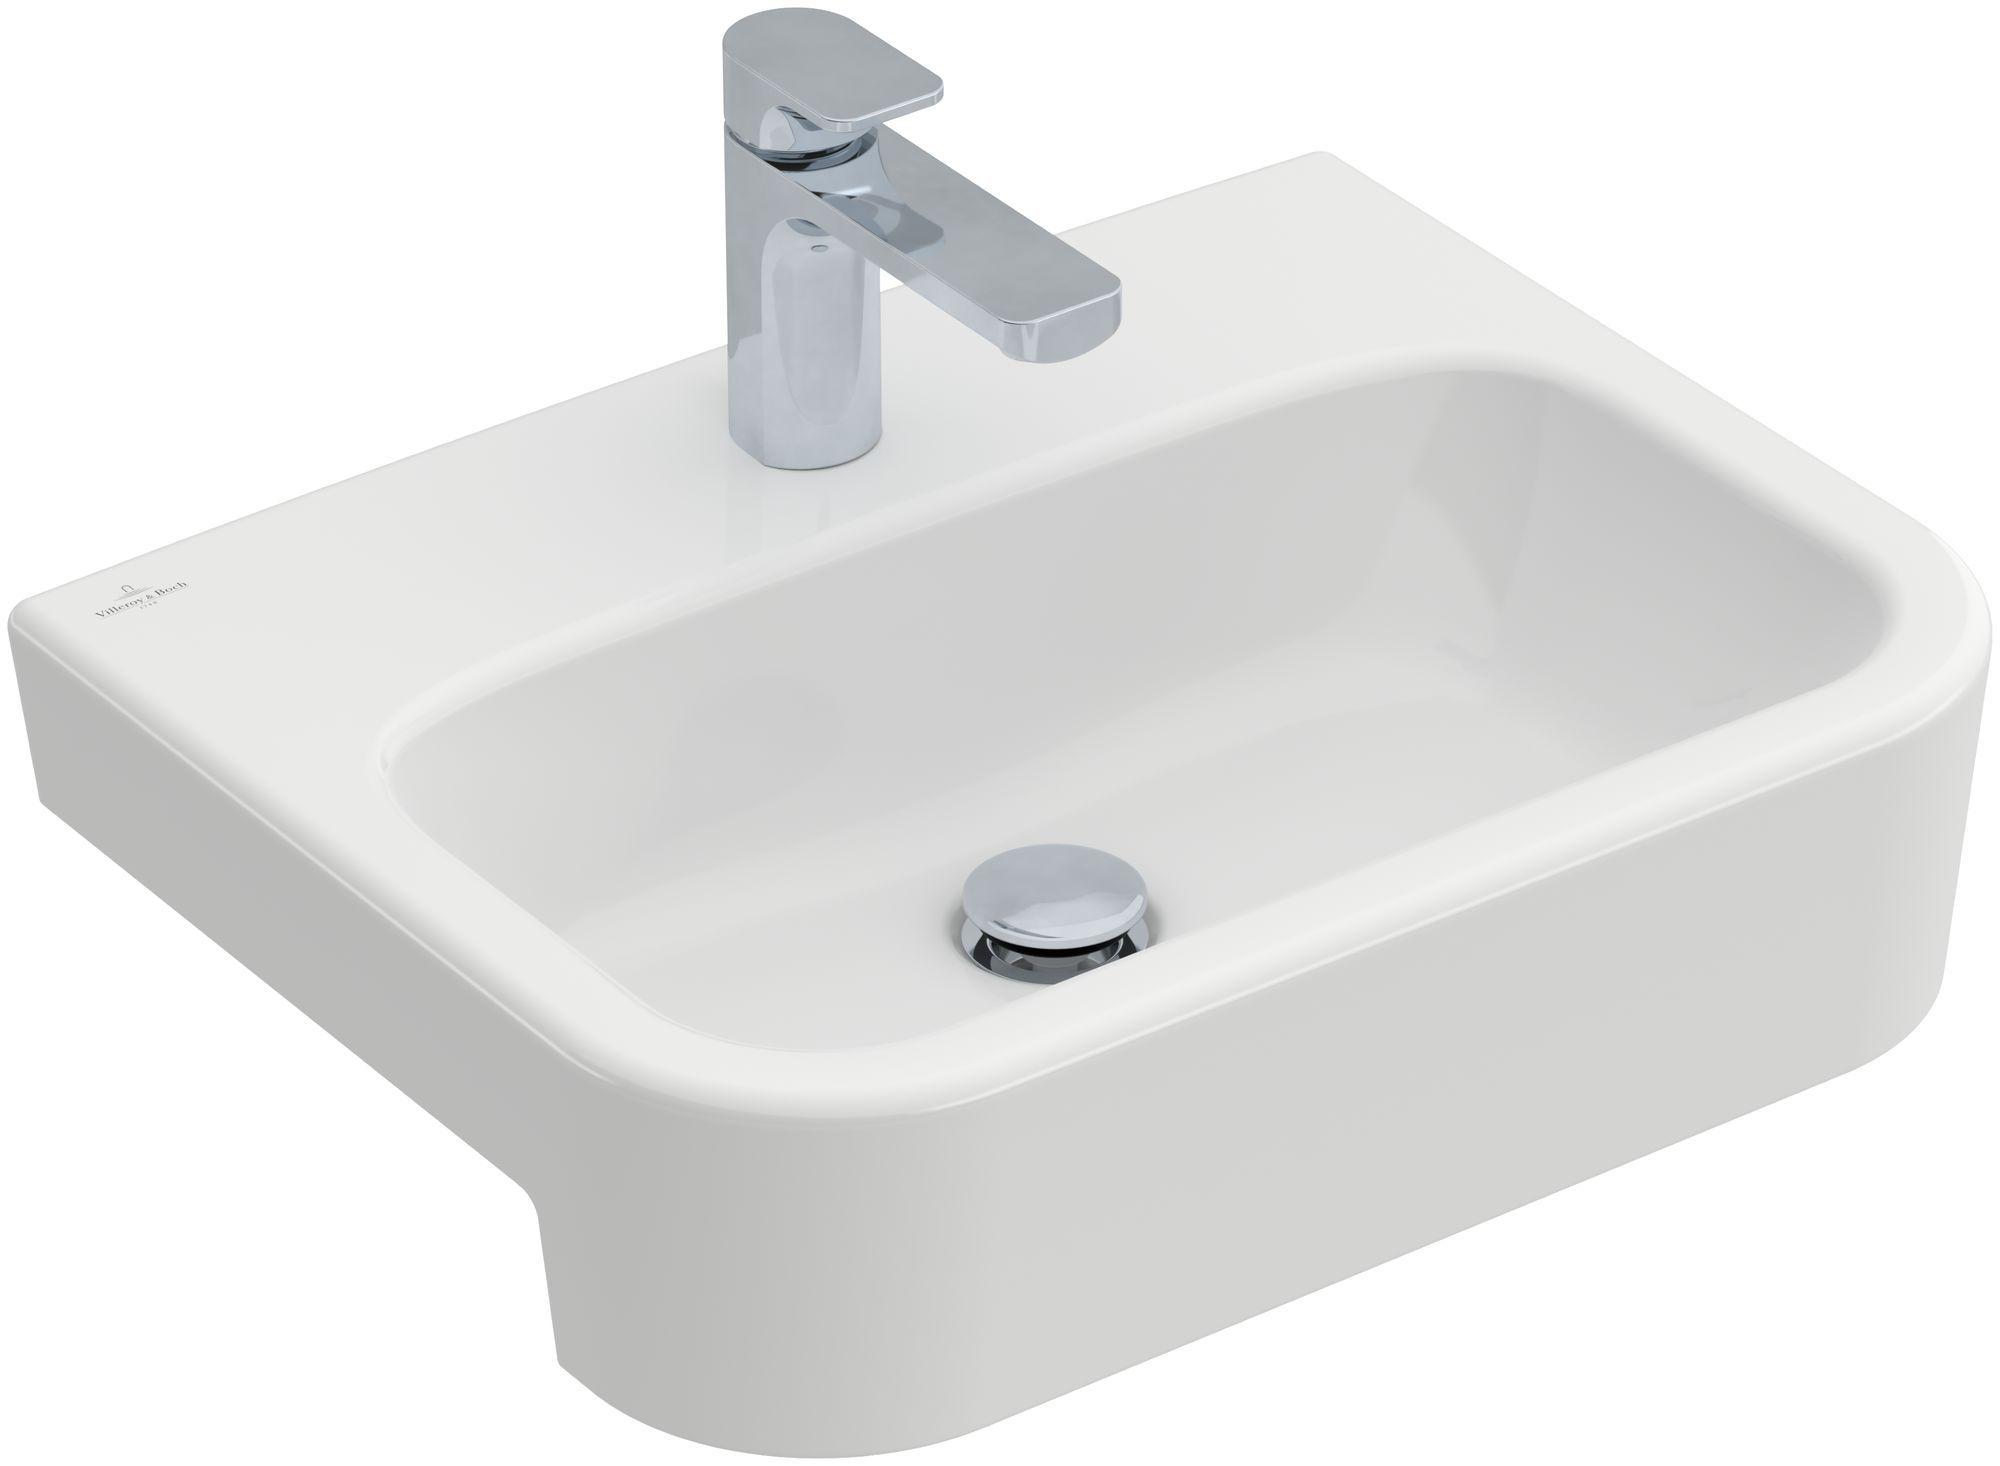 Villeroy & Boch Architectura Vorbauwaschtisch ohne Überlauf 1 Hahnloch B:55xT:43cm ohne Überlauf 1 Hahnloch weiß Ceramicplus 419056R1